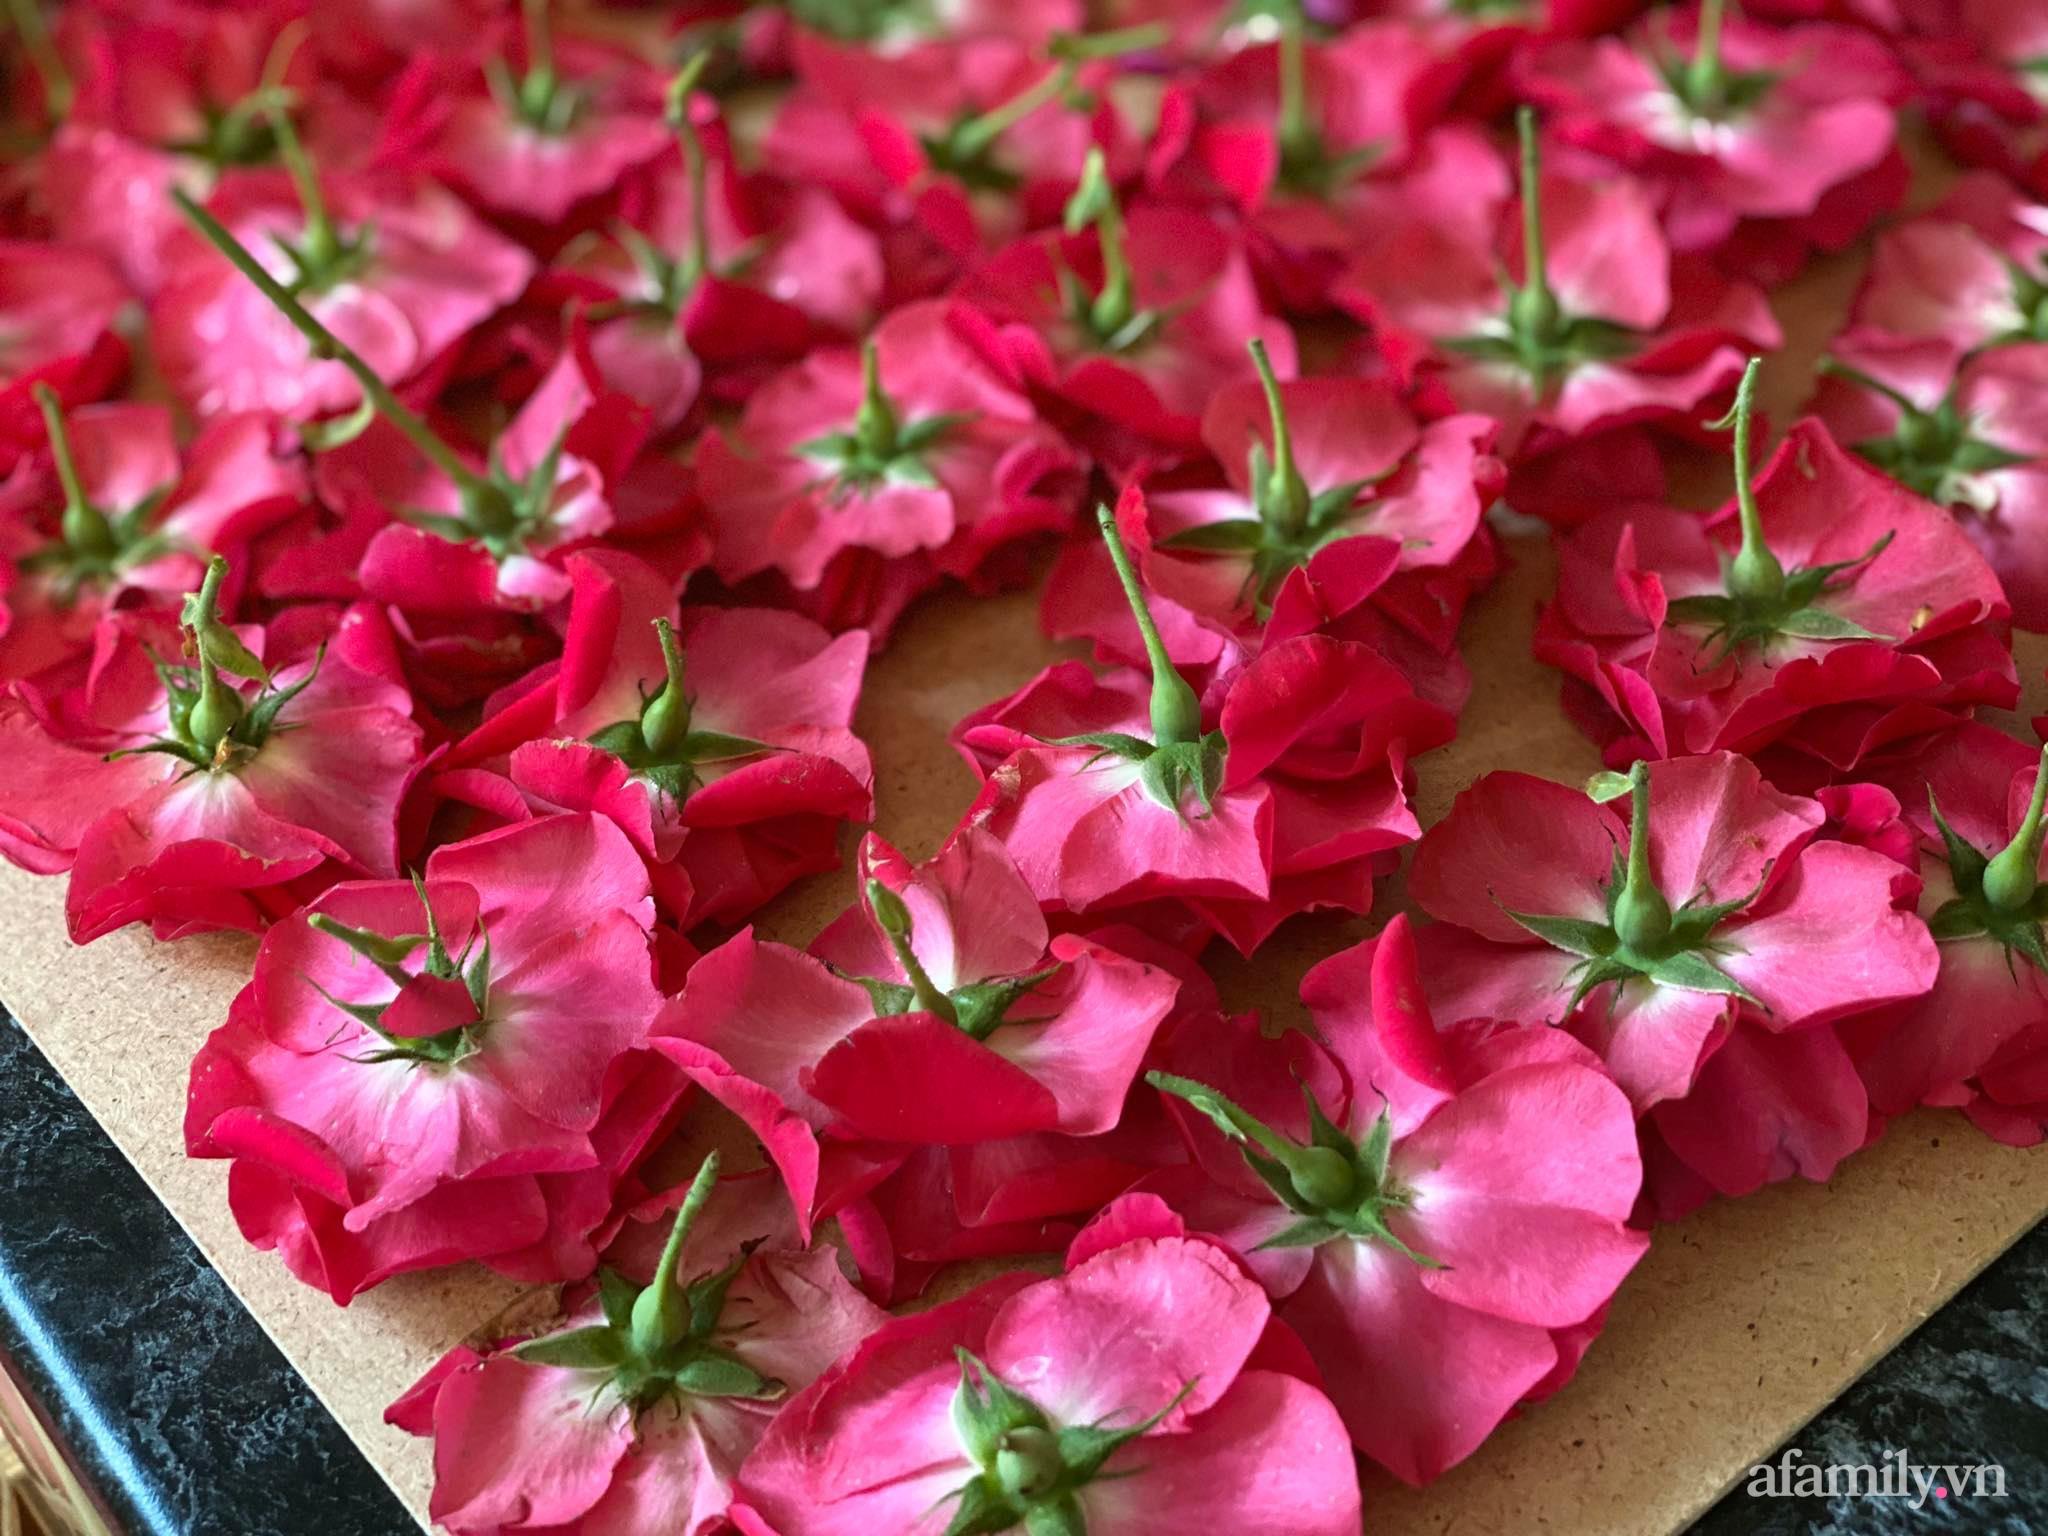 Khu vườn ngát hương hoa, tươi xanh màu rau củ của nữ giám đốc Việt ở Nga - Ảnh 8.